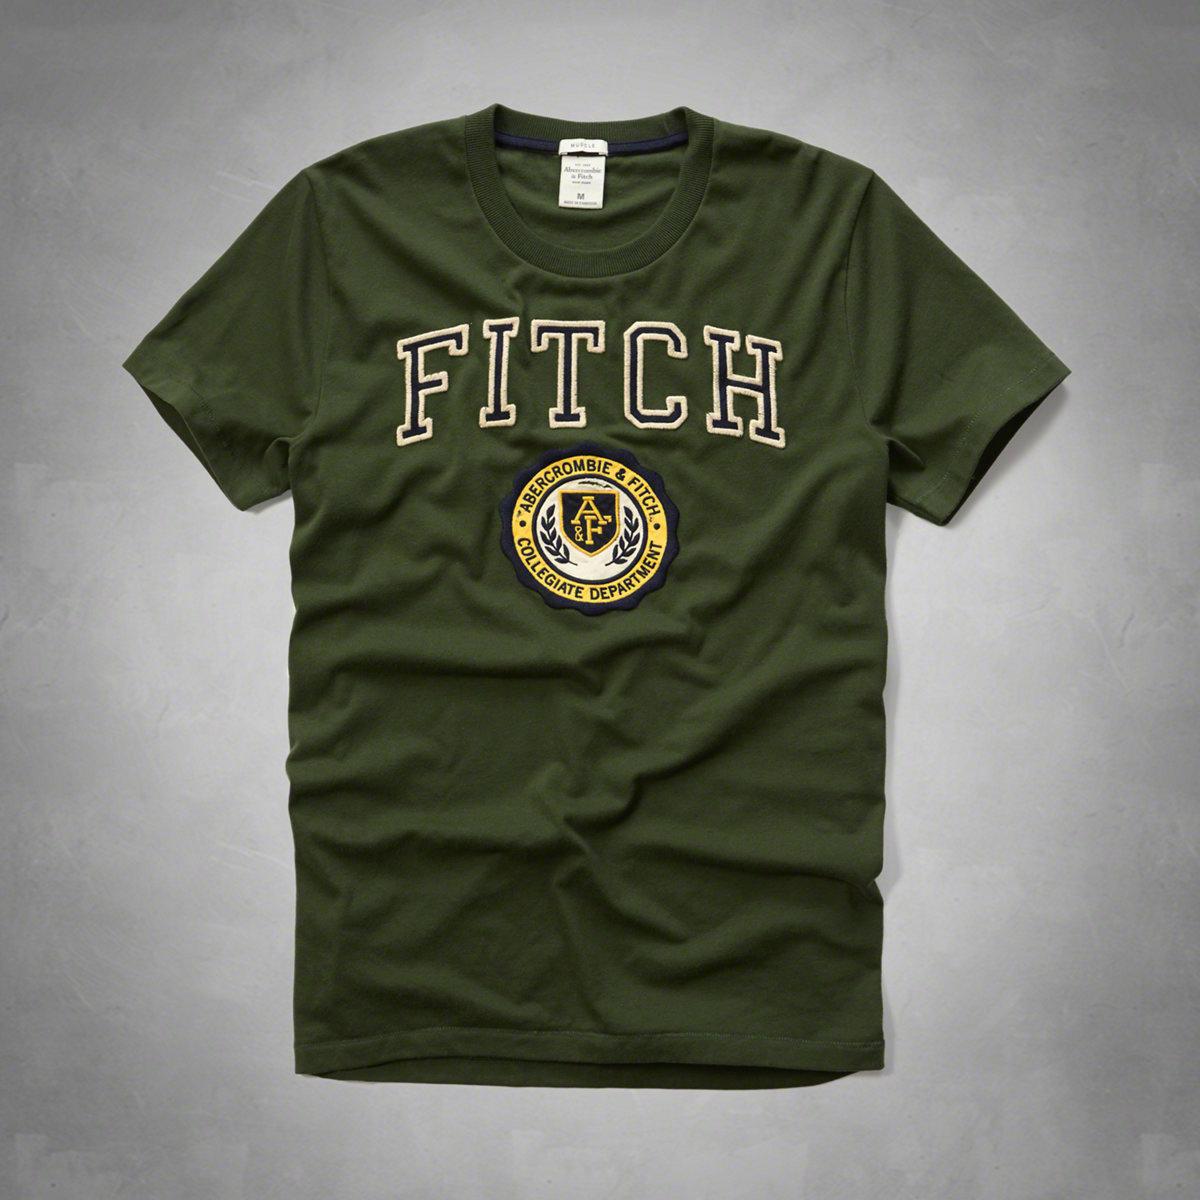 美國百分百【Abercrombie & Fitch】T恤 AF 短袖 T-shirt 麋鹿 徽章 綠色 特價 S M L XL XXL號 F594